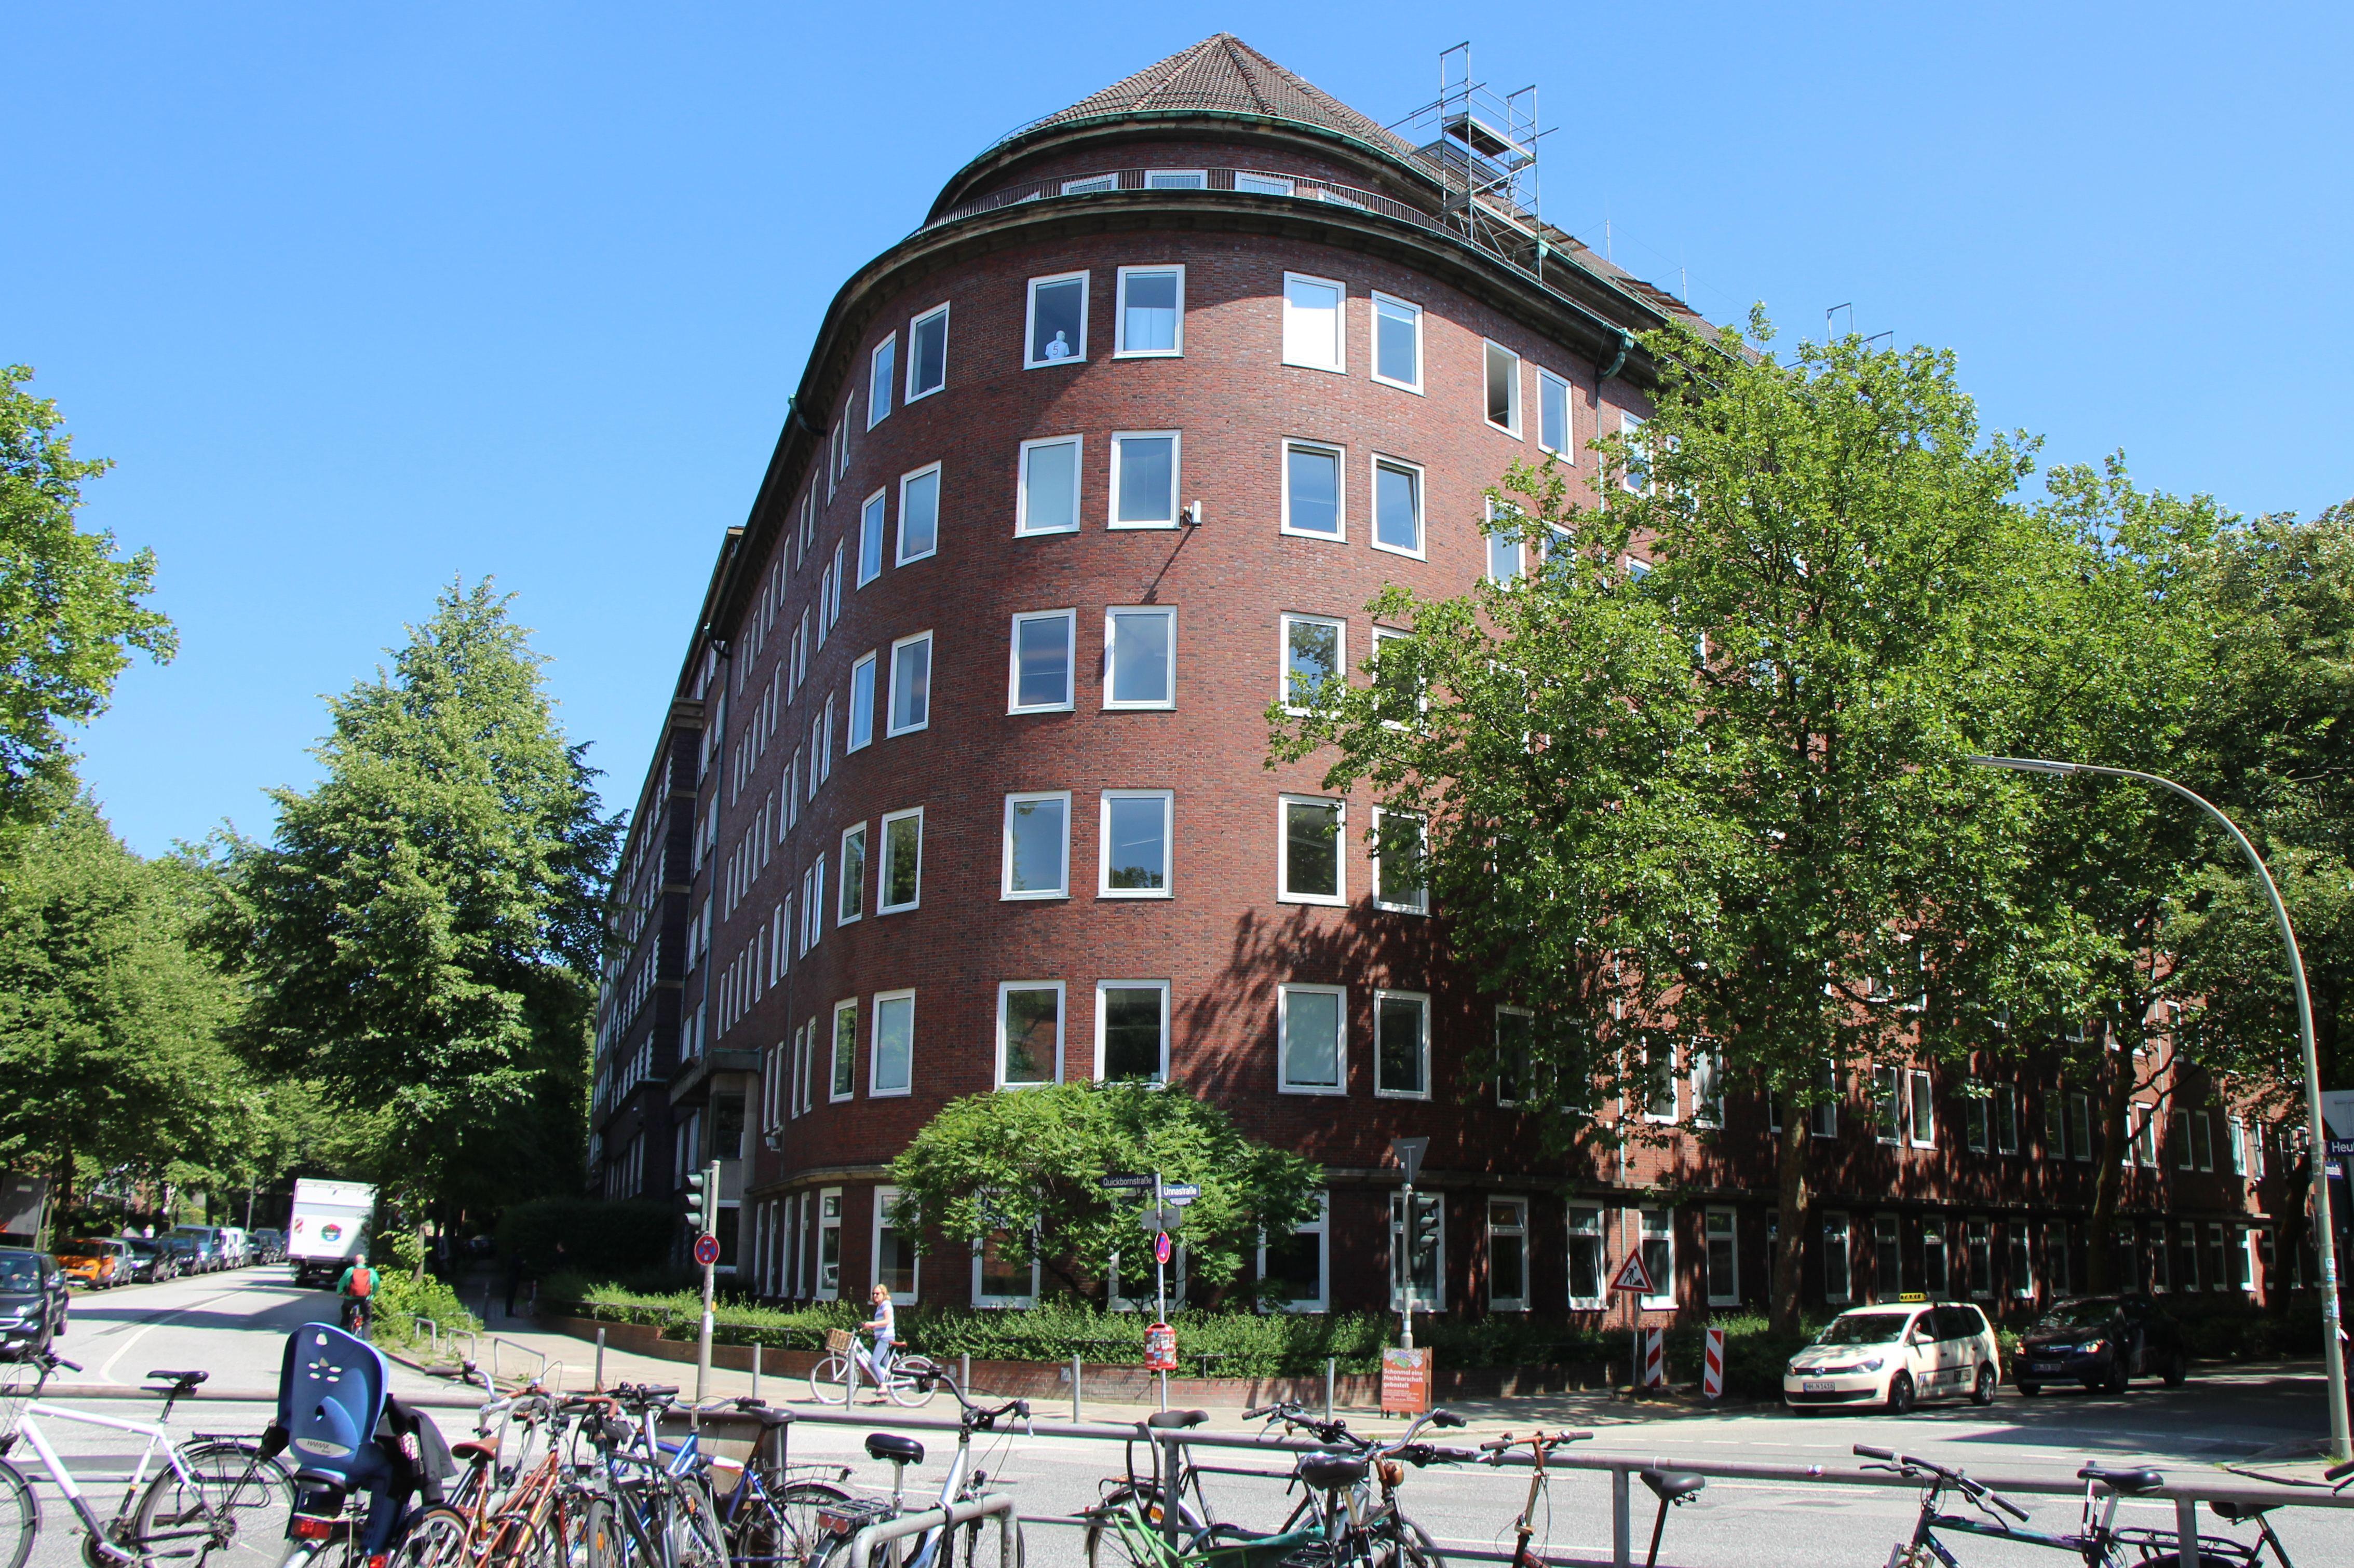 Stadtquartier Unnastraße: Das Mega-Bauprojekt für Eimsbüttel